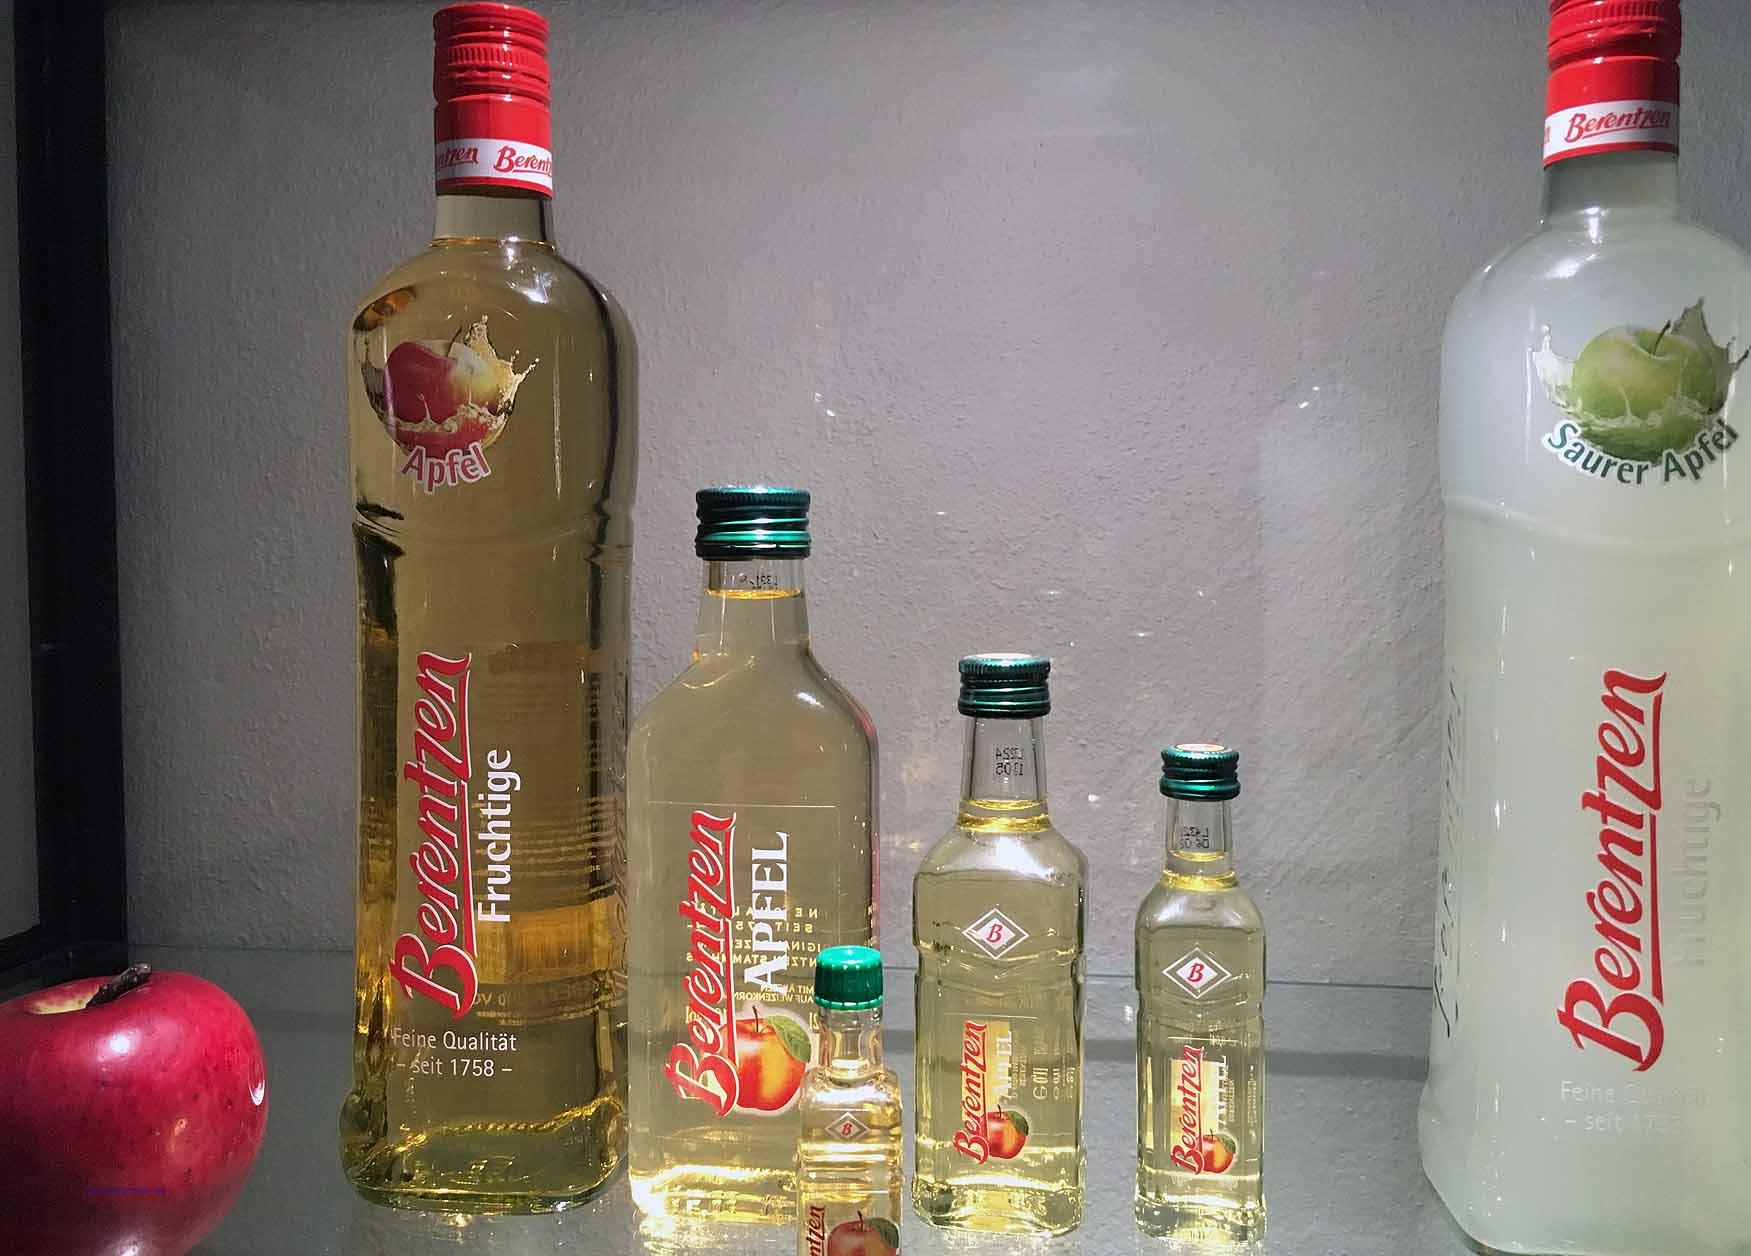 Längst bietet Berentzen mehr als Apfelkorn an, mit dem das Unternehmen bekannt wurde.